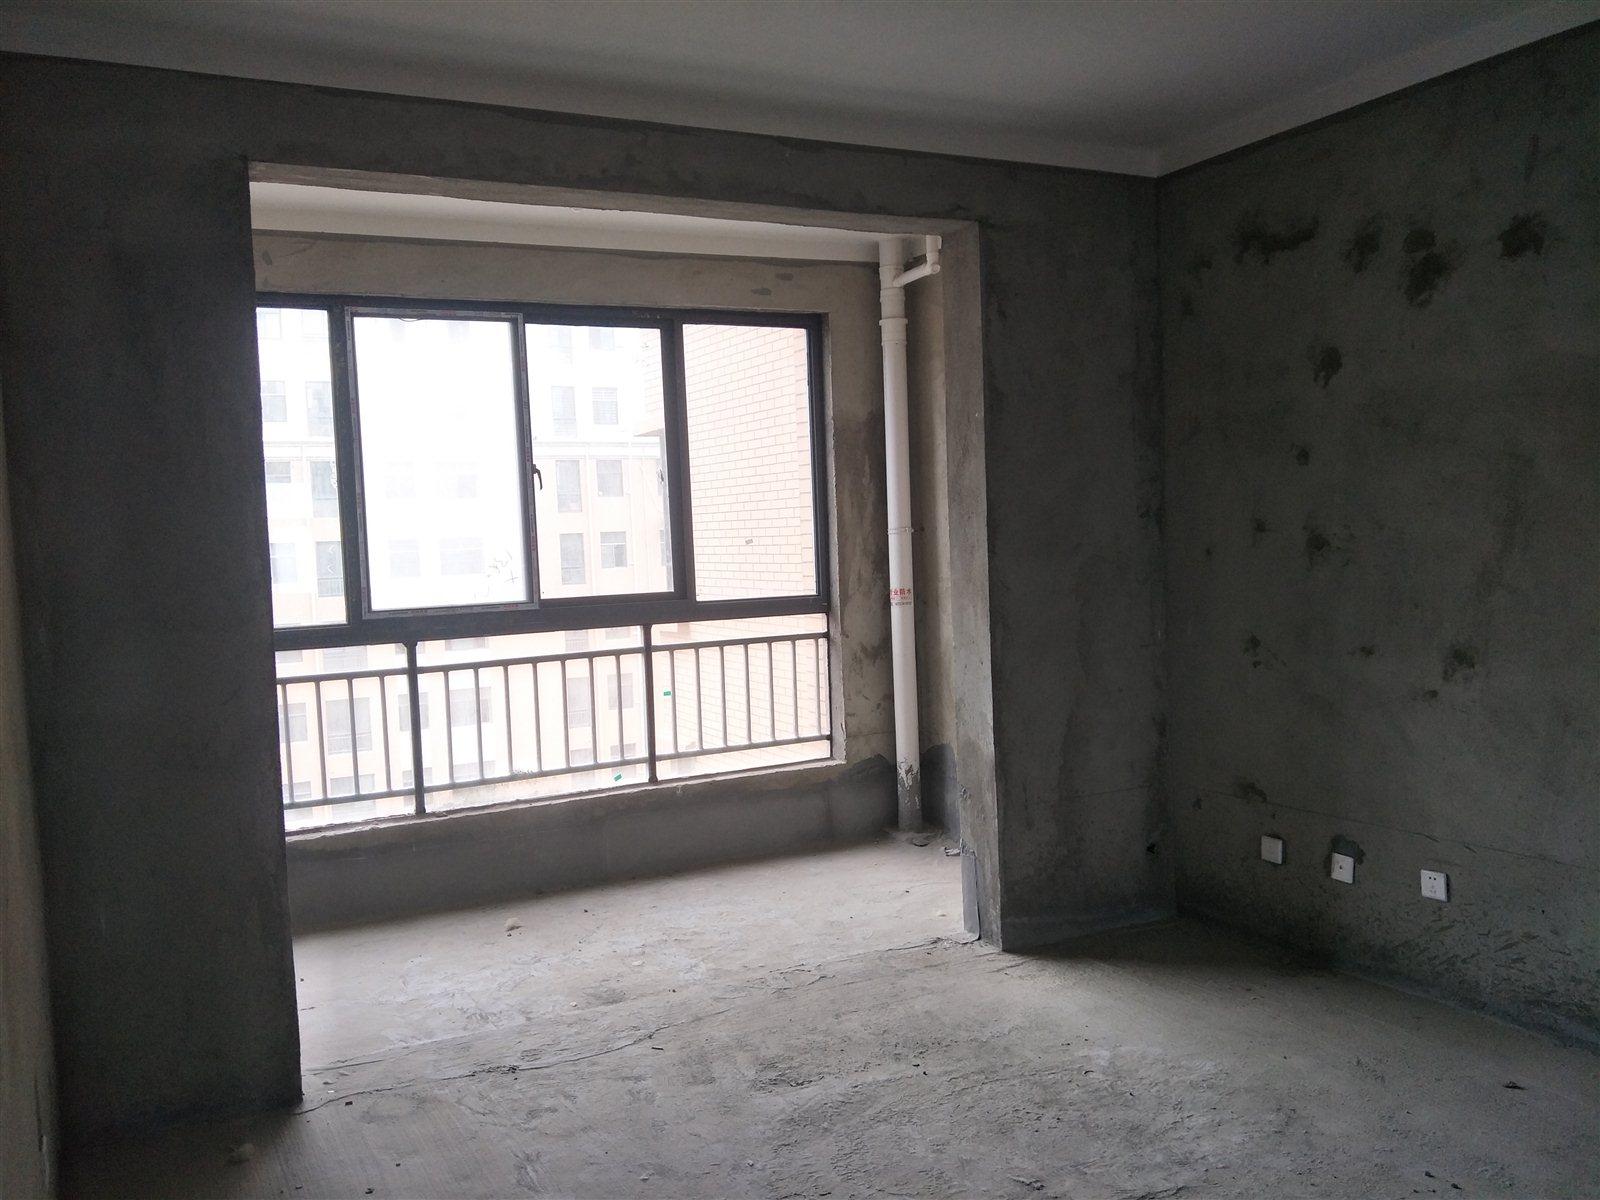 远大瑞园3室2厅2卫83万元  可分期 可分期 可分期